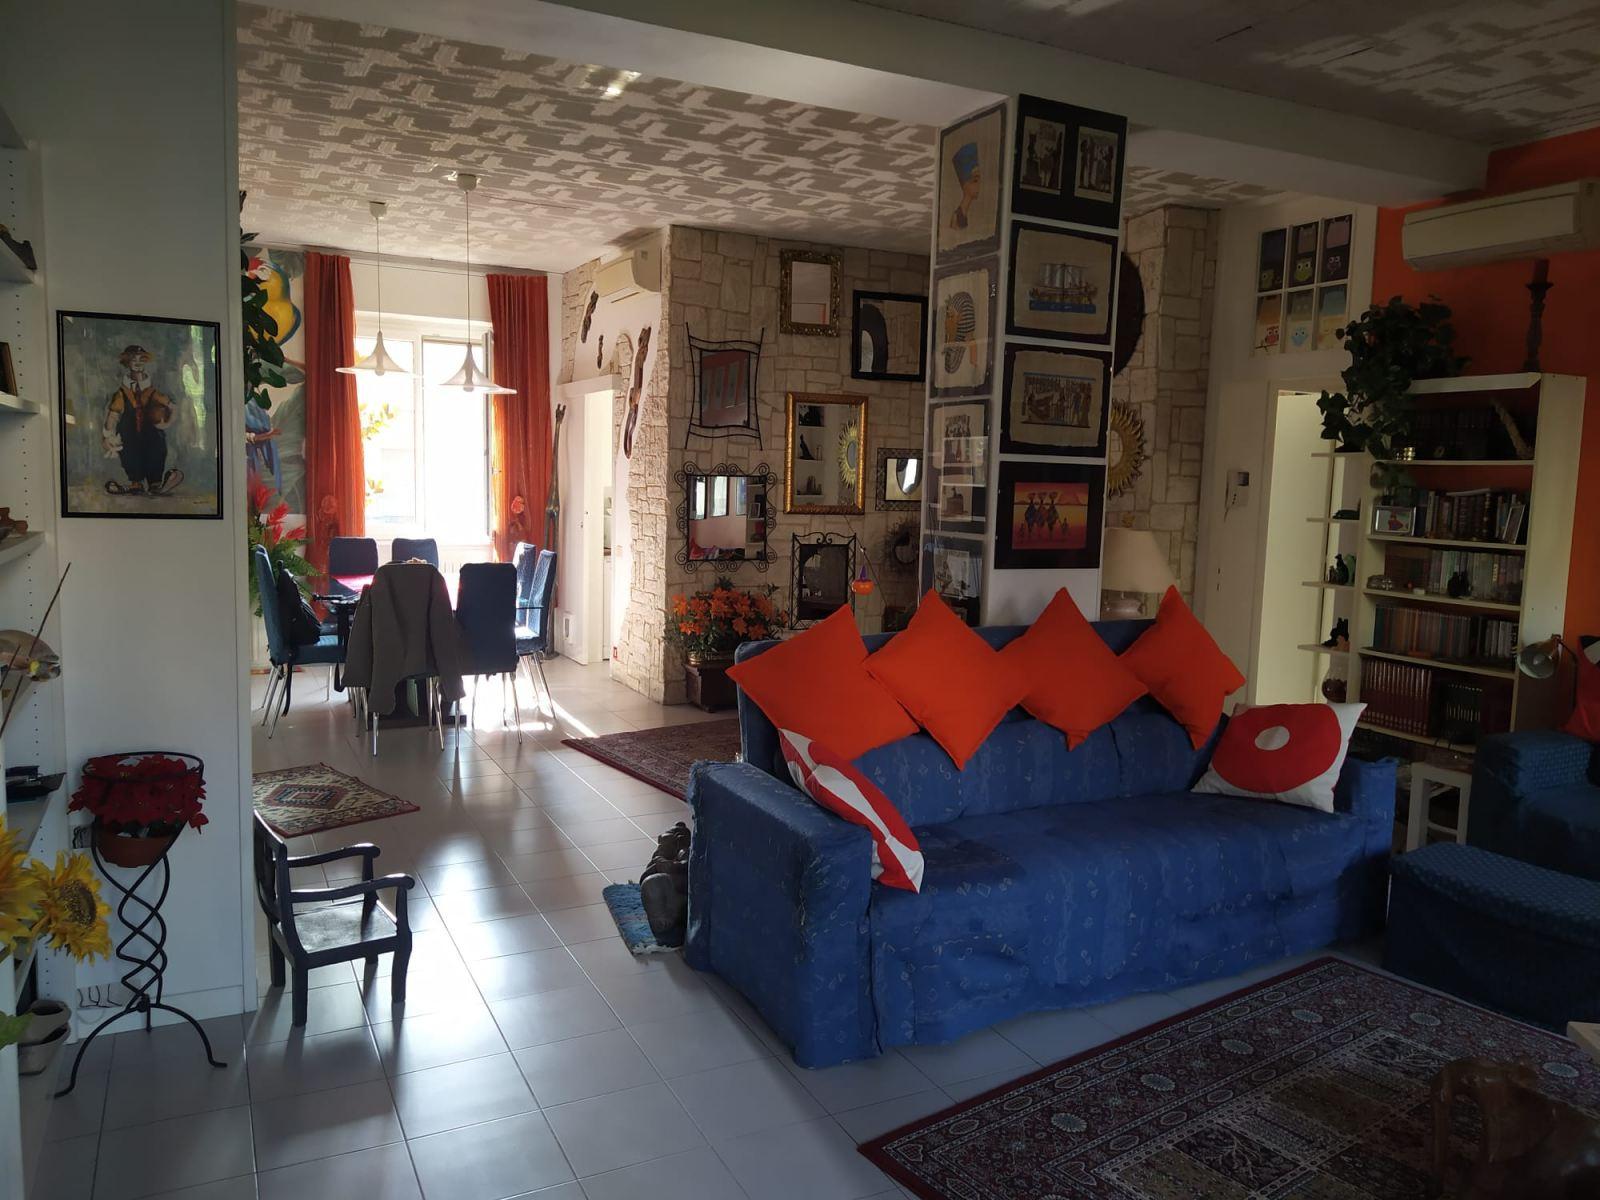 appartamento-in-vendita-a-milano-bagio-3-locali-via-cabella-spaziourbano-immobiliare-vende-9